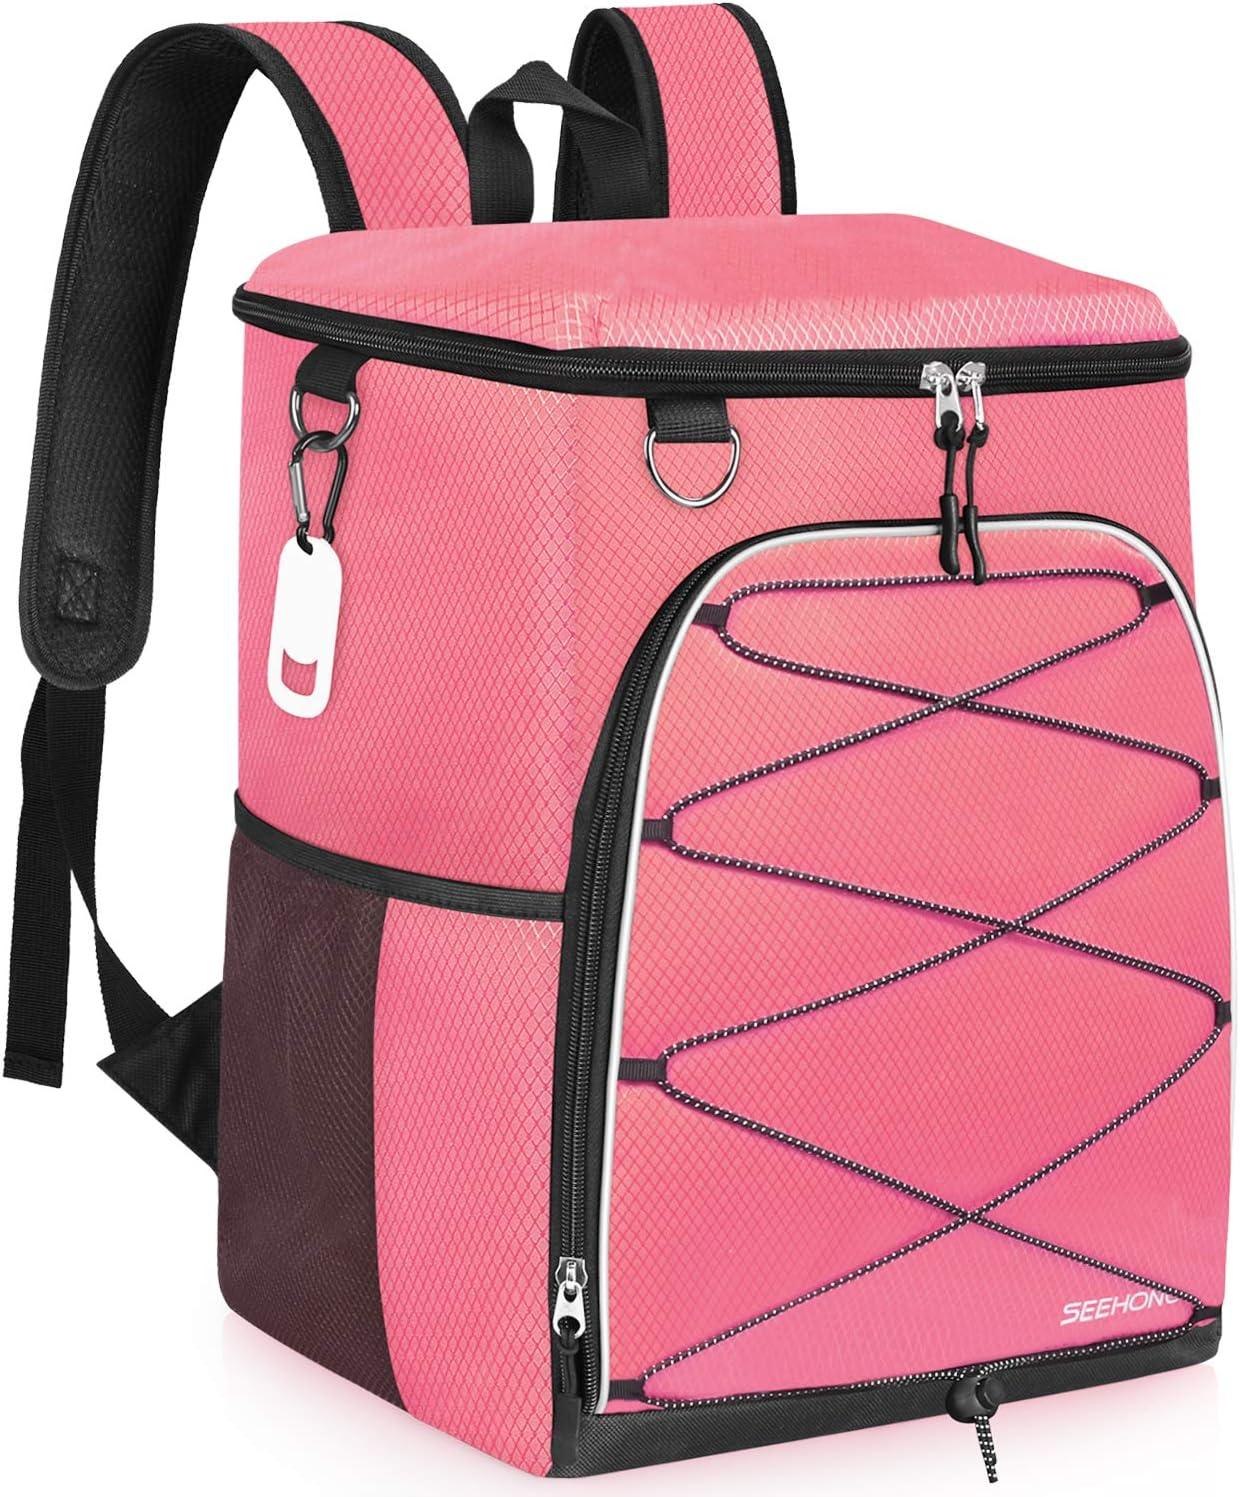 おすすめ特集 SEEHONOR Insulated Cooler Backpack 45 Leakproof Soft 正規逆輸入品 Cans